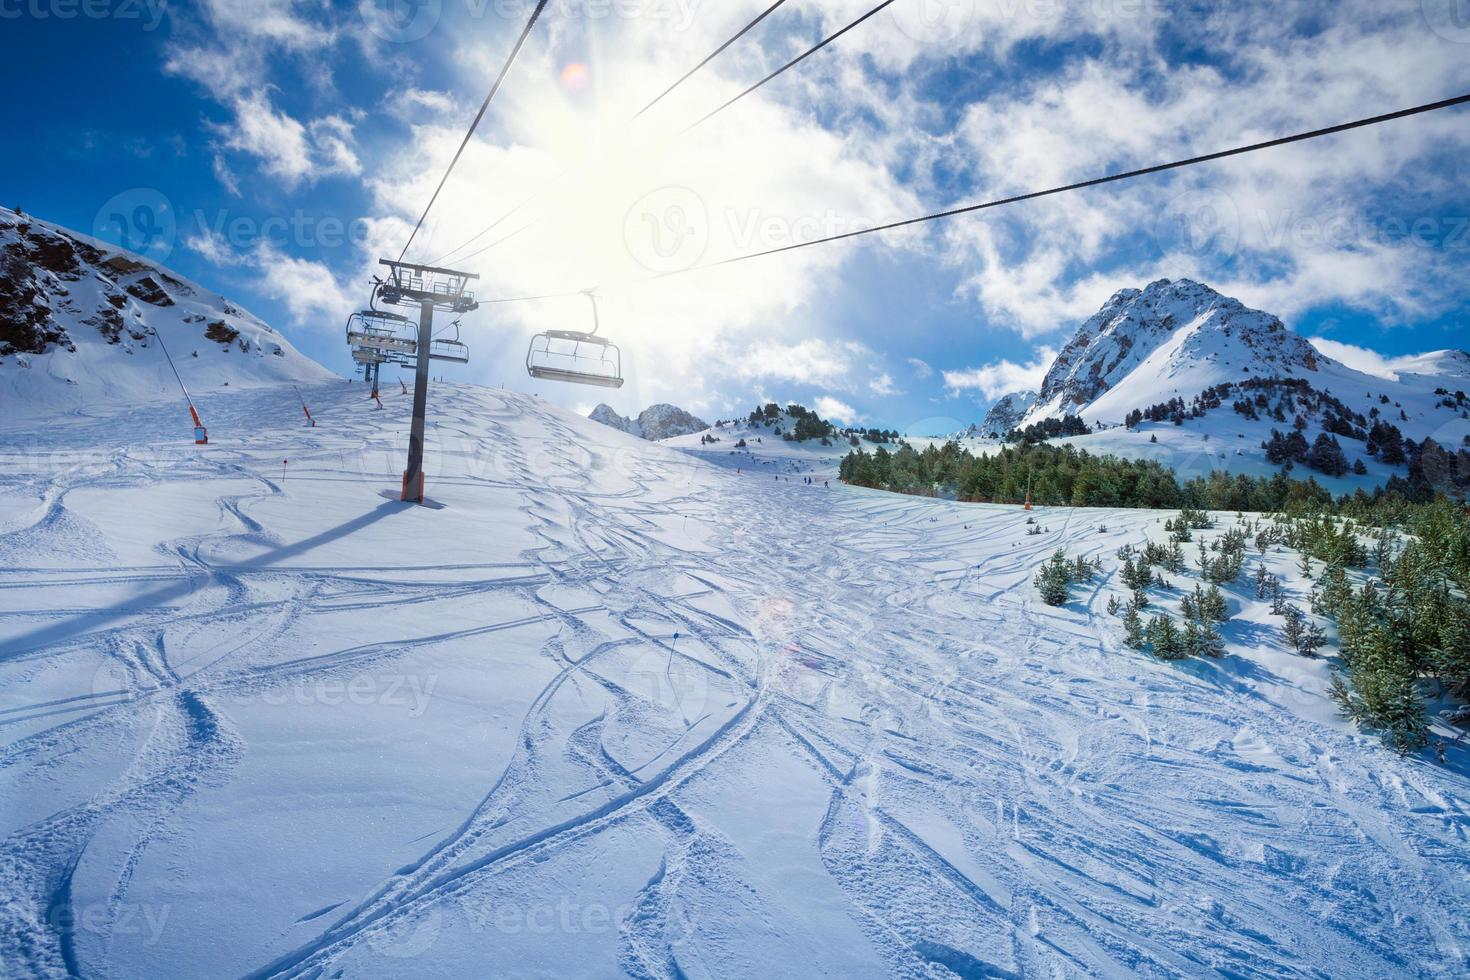 téléski sur une montagne couverte de neige photo